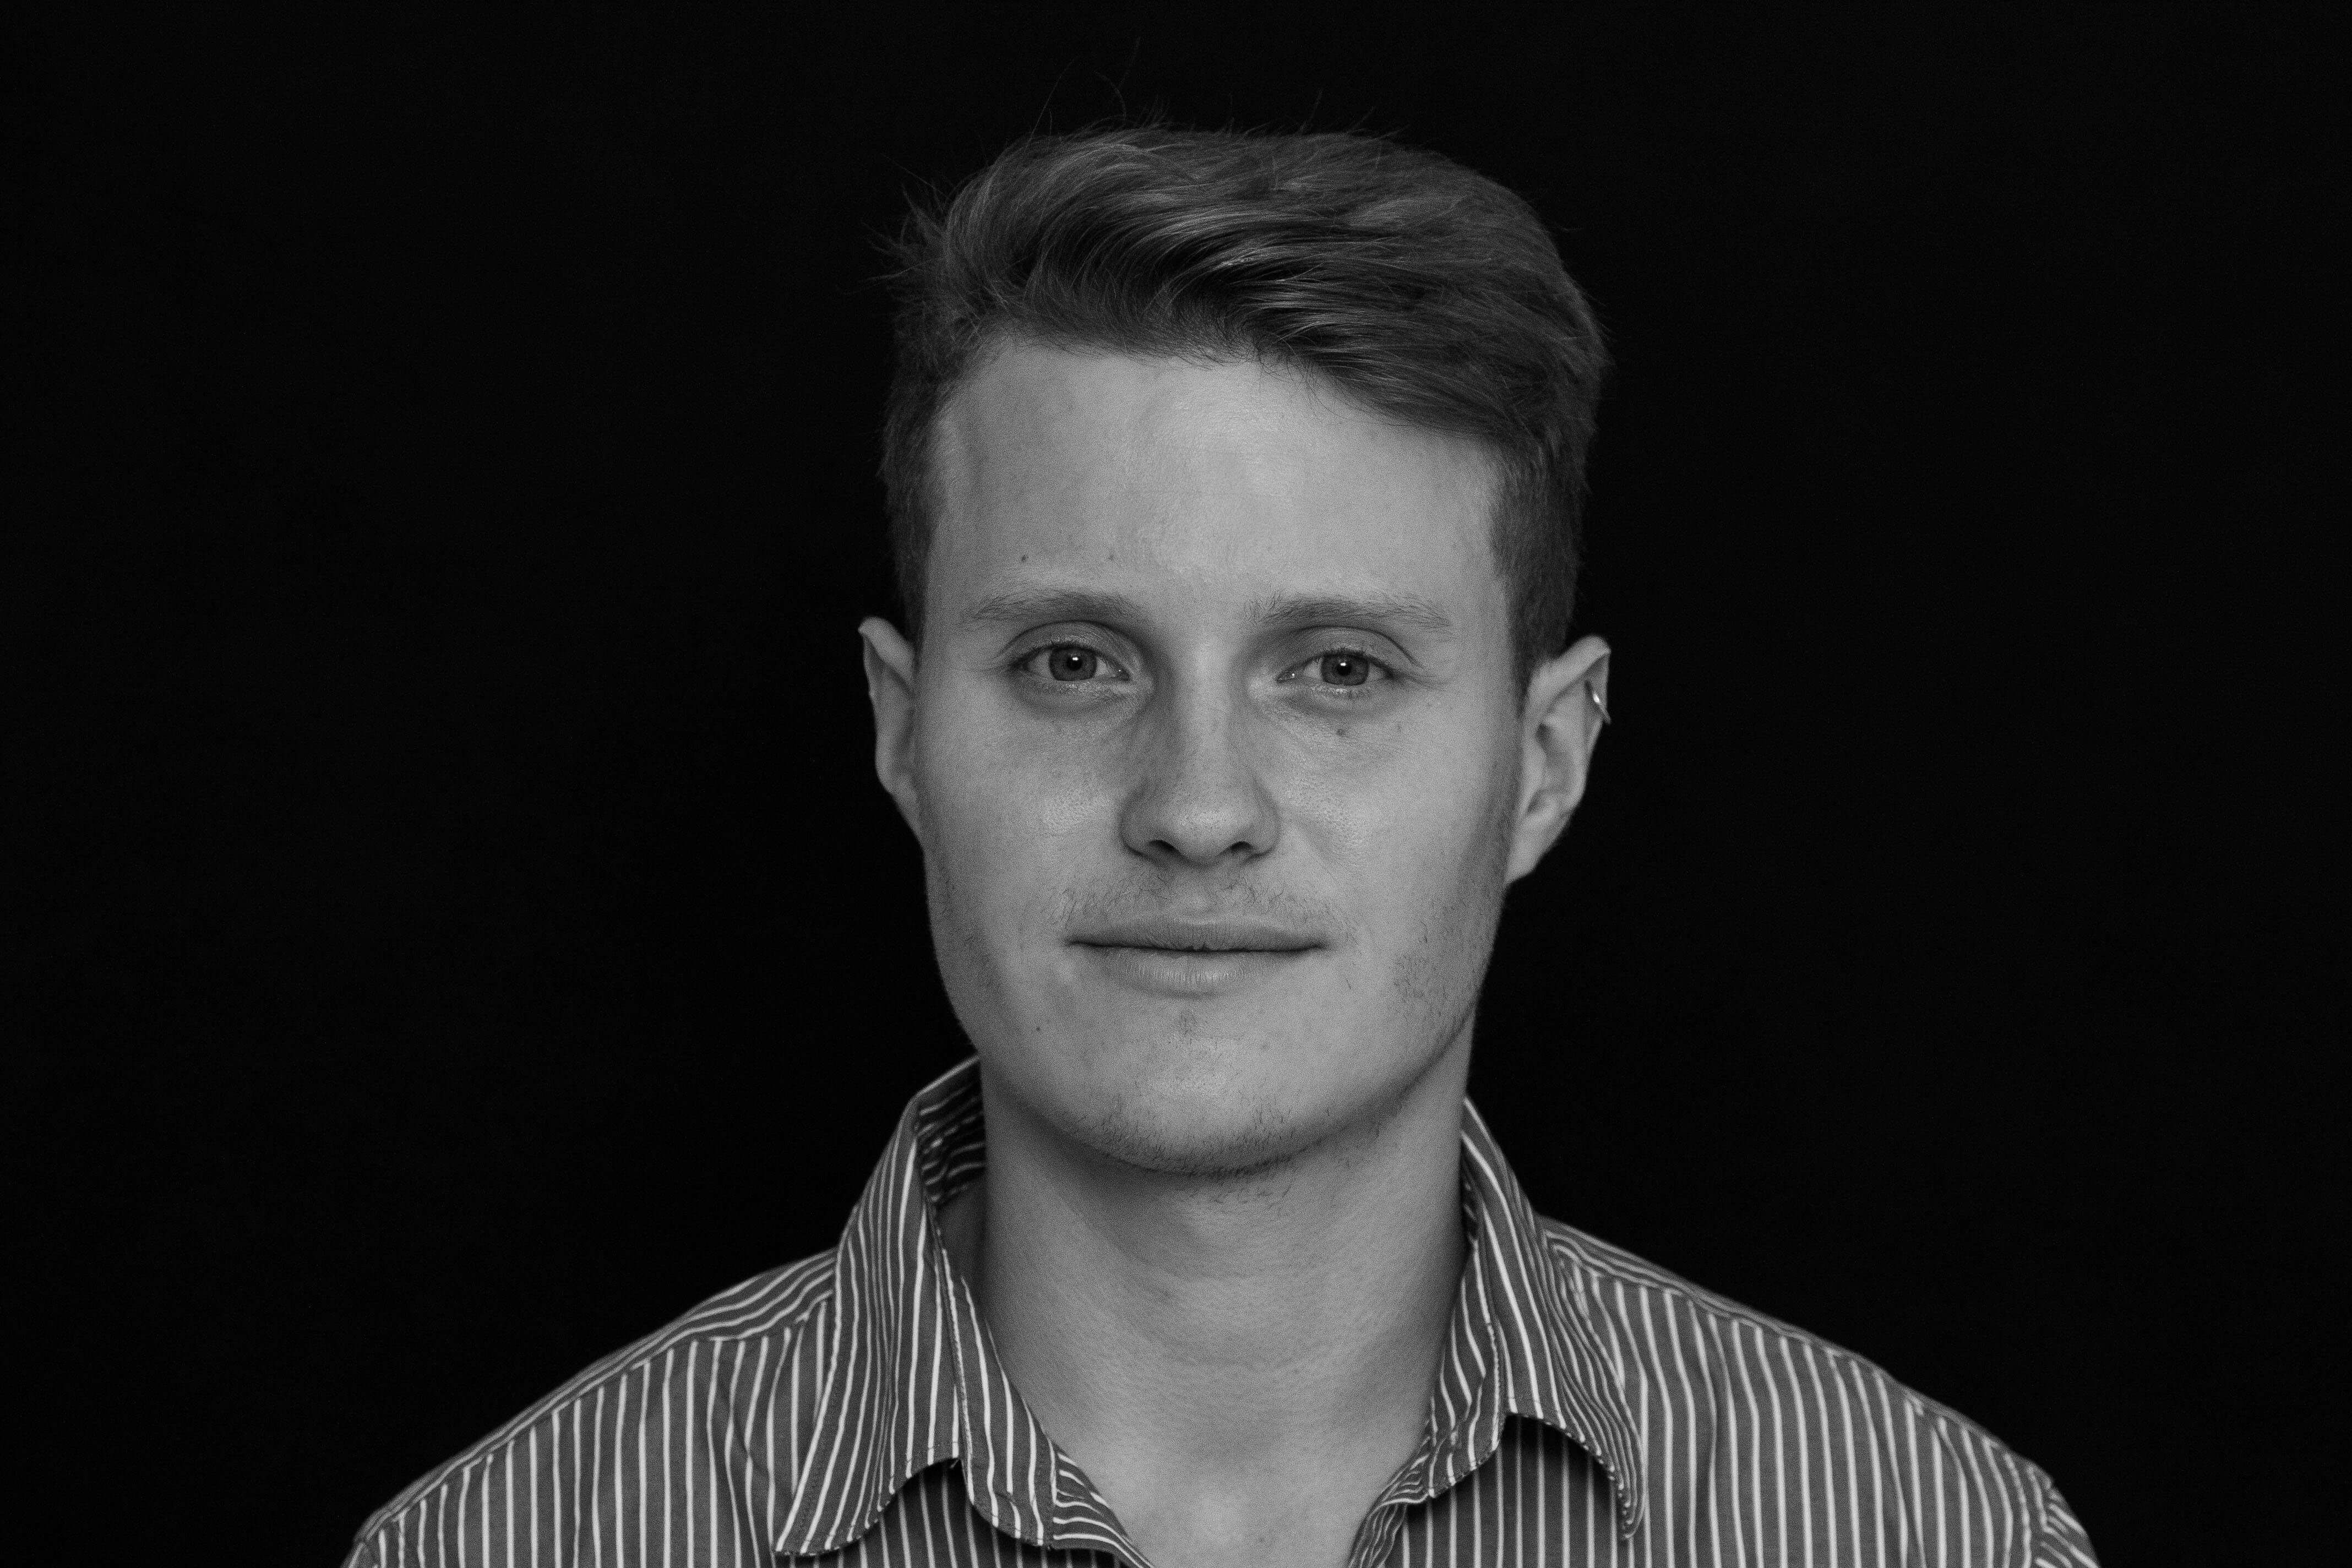 Lukas Bartels